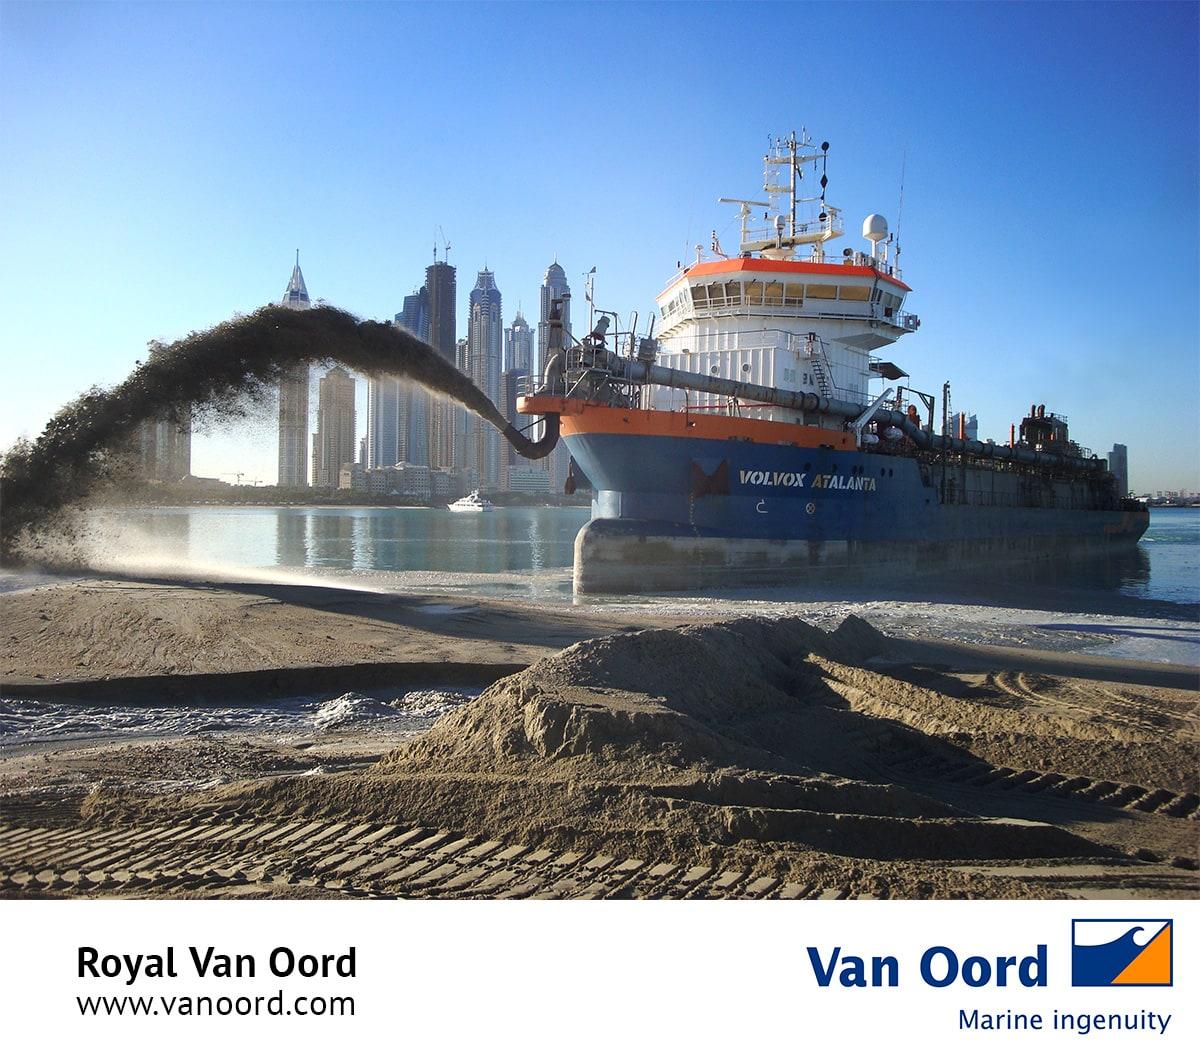 Royal Van Oord Marine Ingenuity